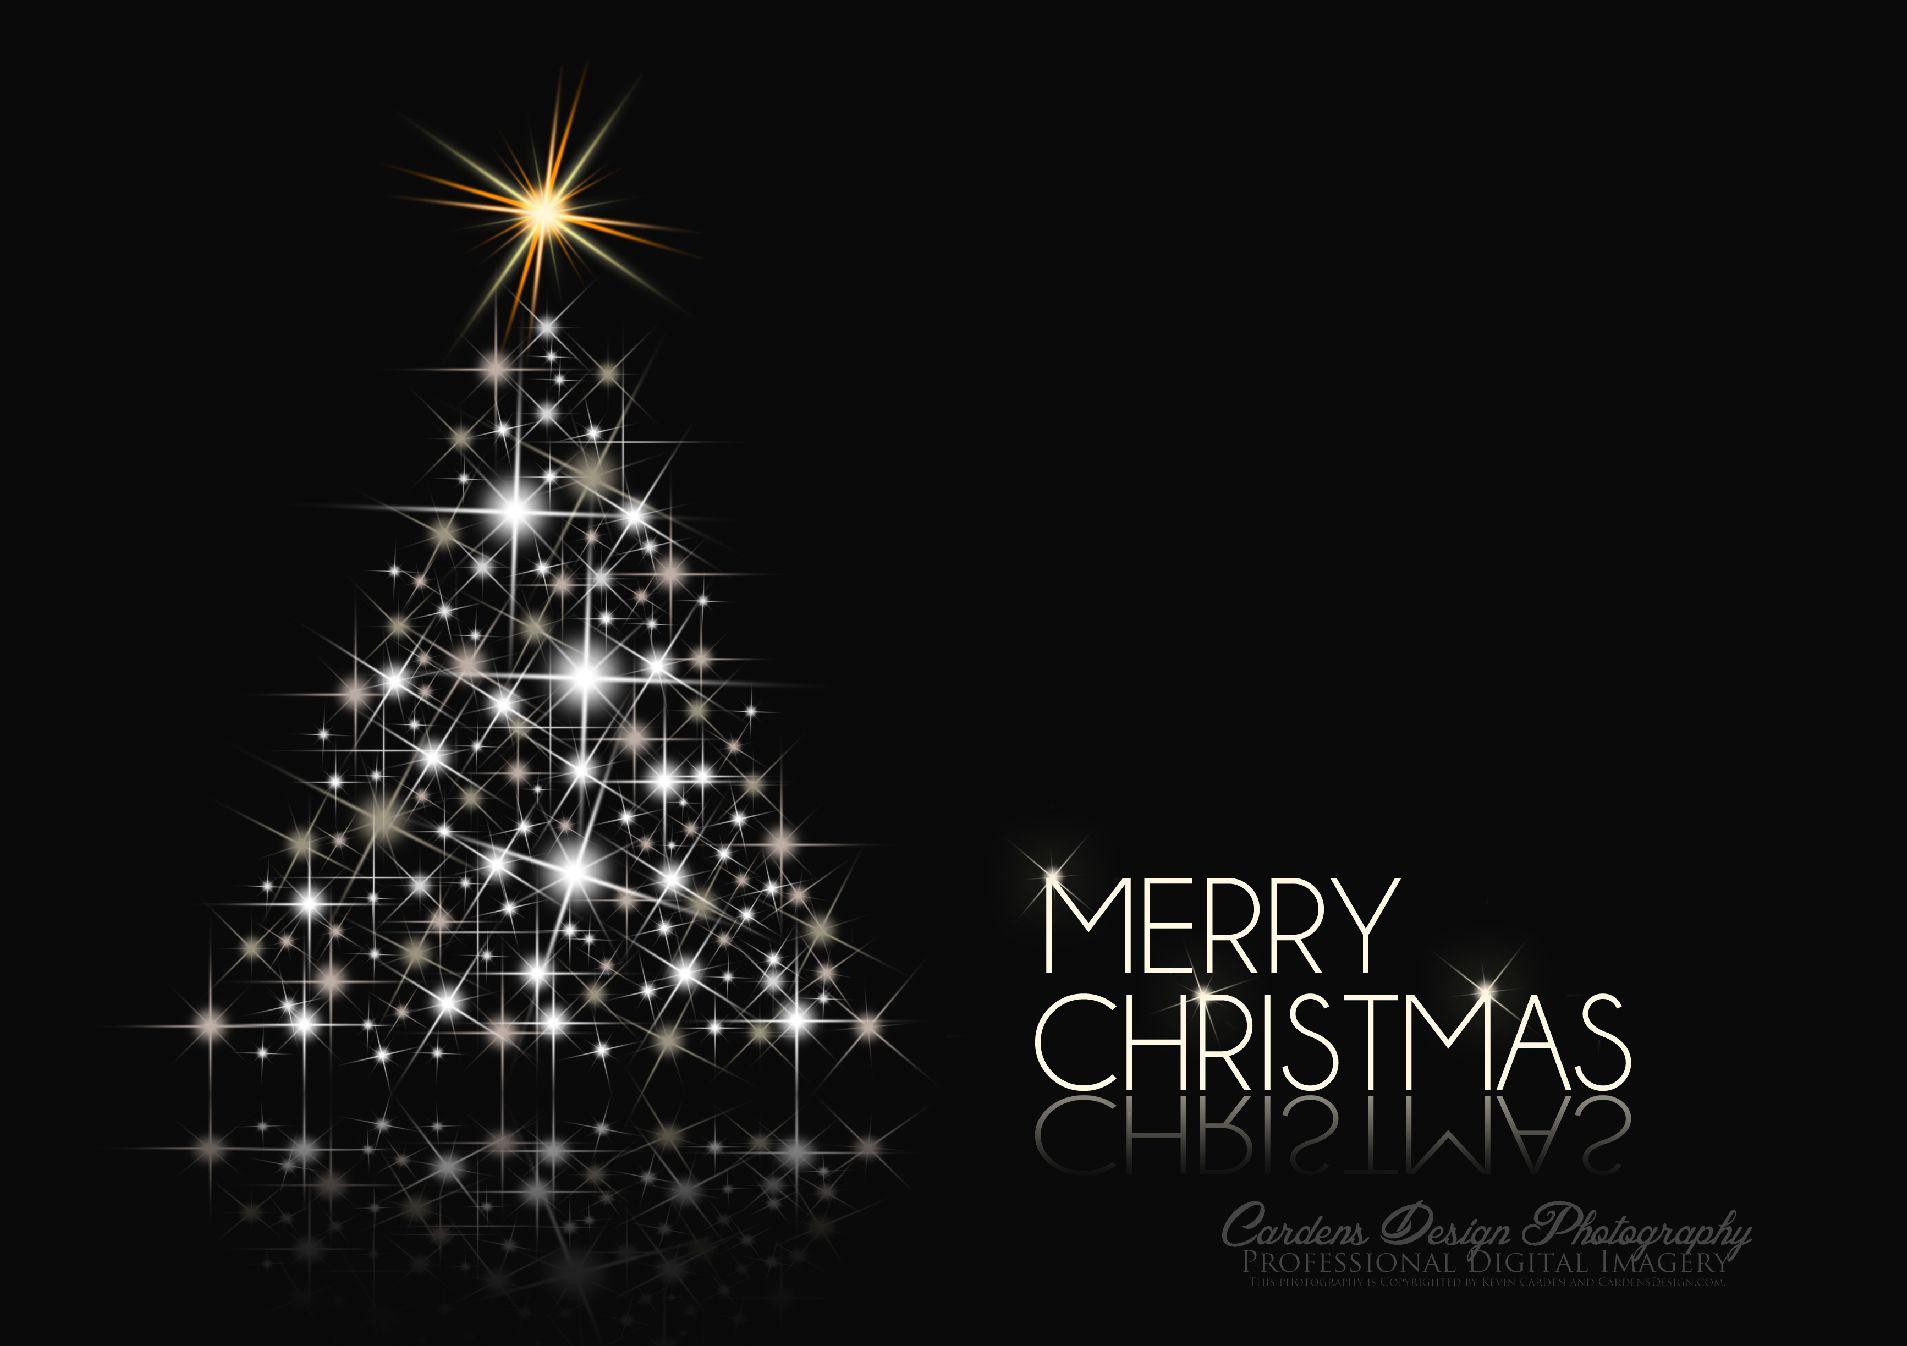 46+] Dark Christmas Wallpaper on WallpaperSafari